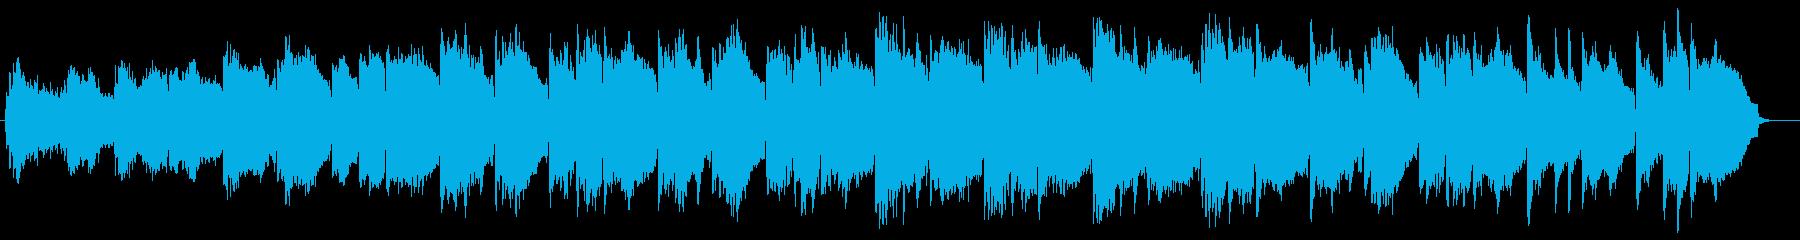 幻想的なリラクゼーションサウンドの再生済みの波形